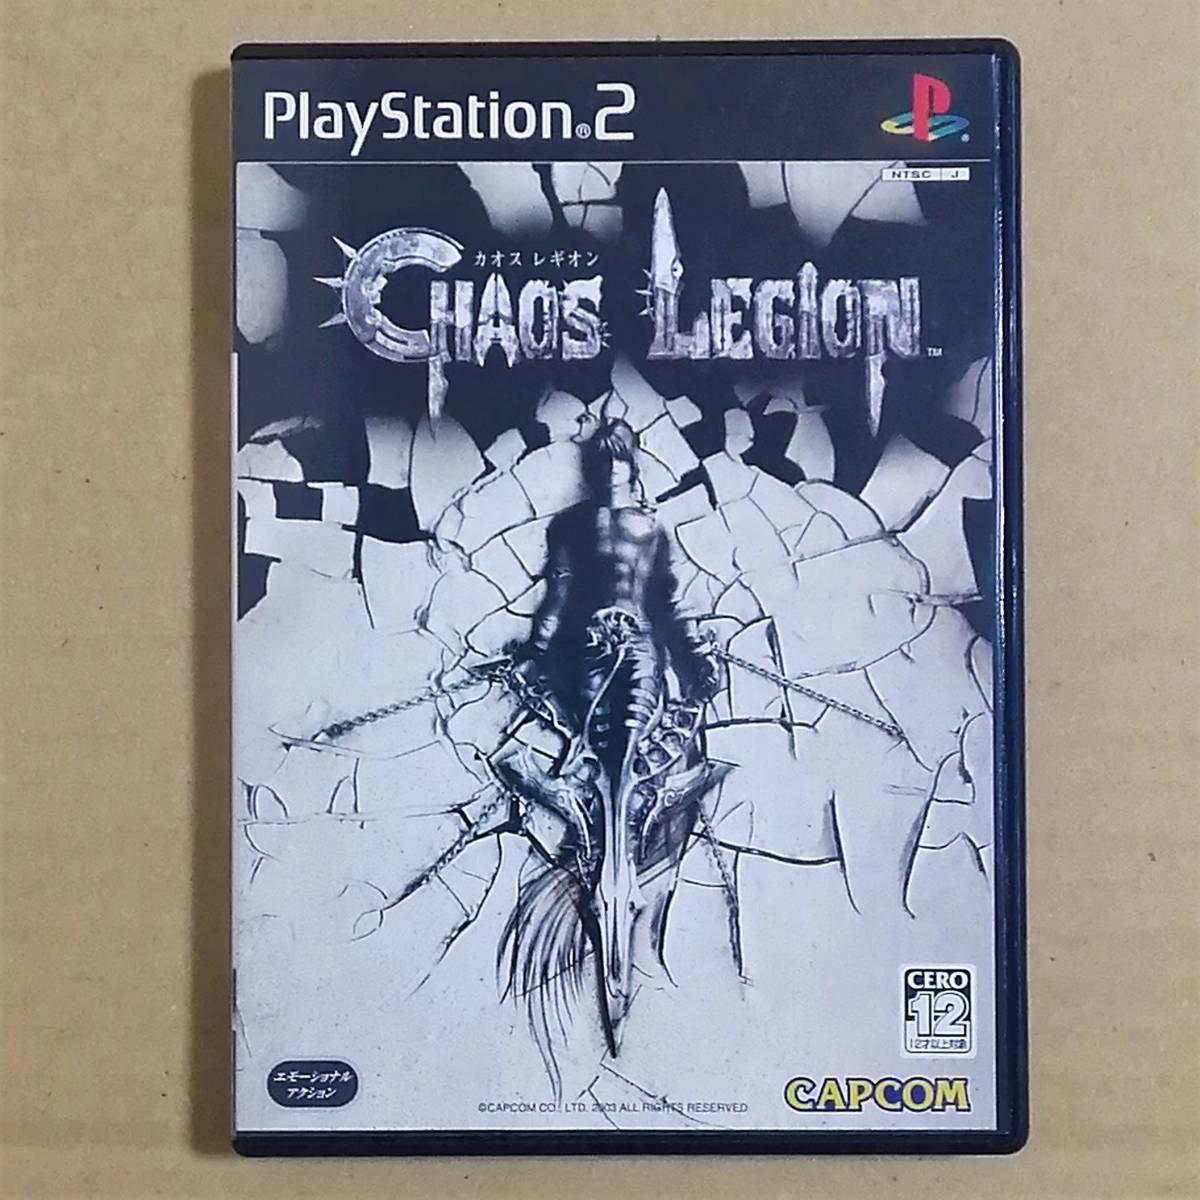 【送料無料】カオス レギオン PS2ソフト